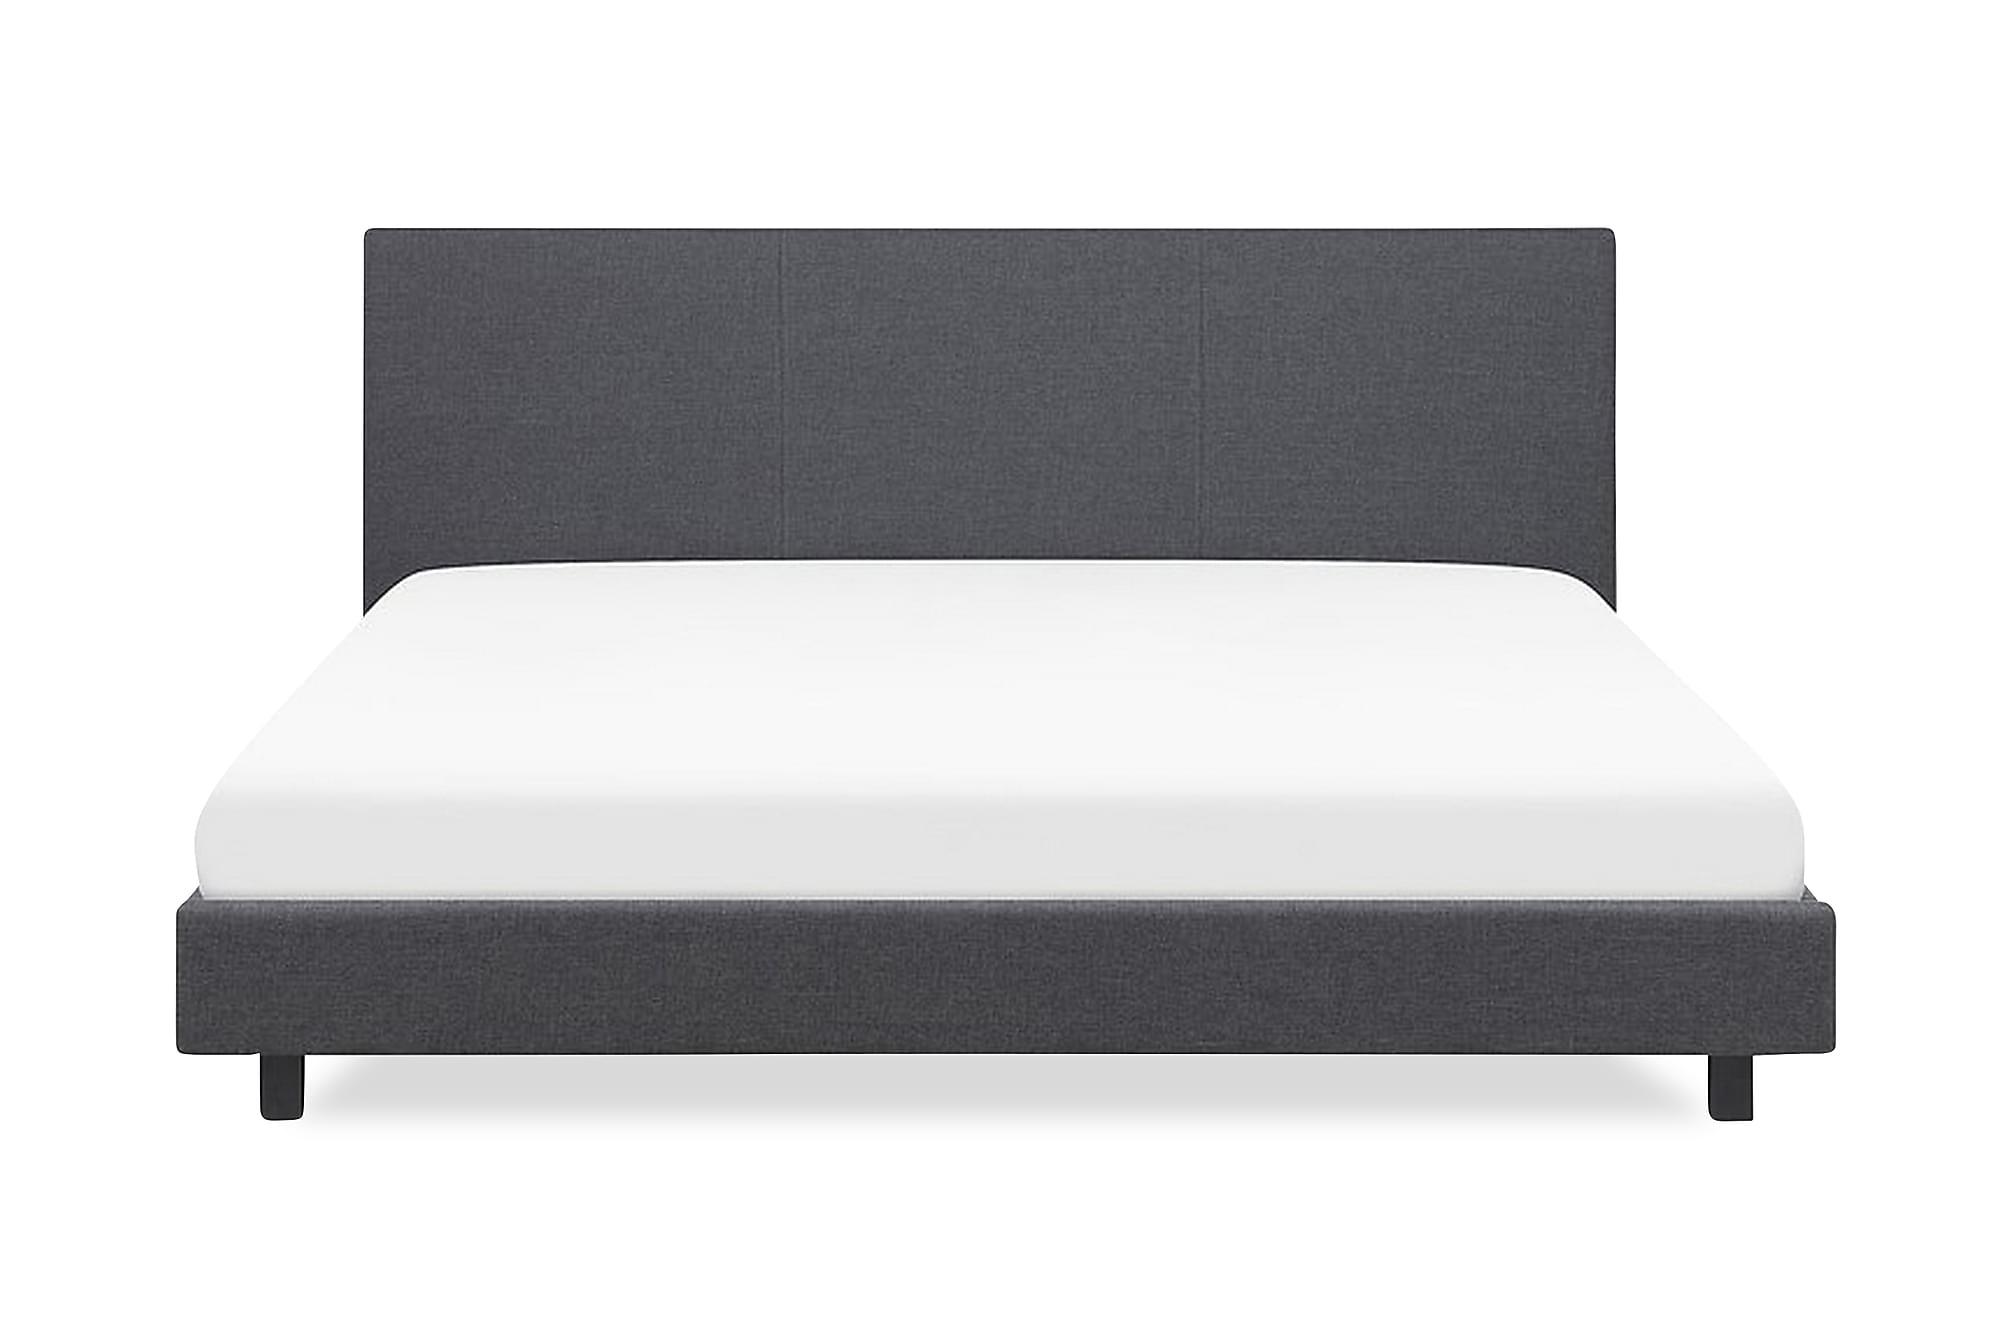 ALBI Sängram 180x200 cm, Sängram & sängstomme